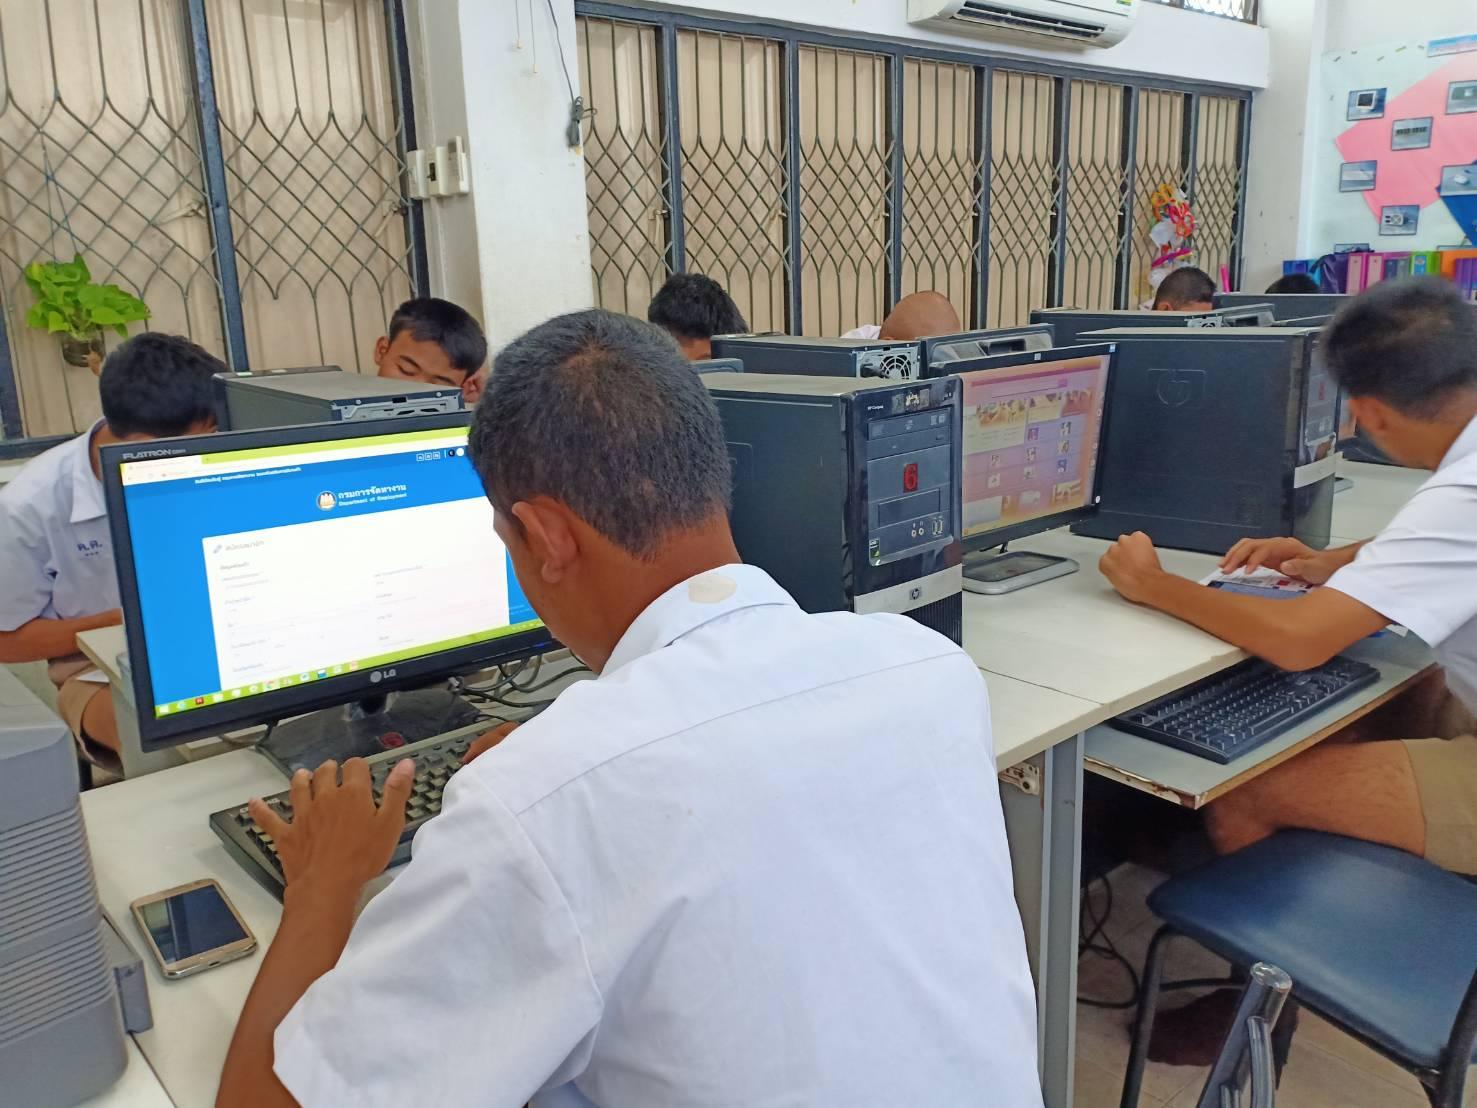 ทดสอบวัดบุคลิกภาพเพื่อการศึกษาต่อและการเลือกอาชีพ (VGNEW)